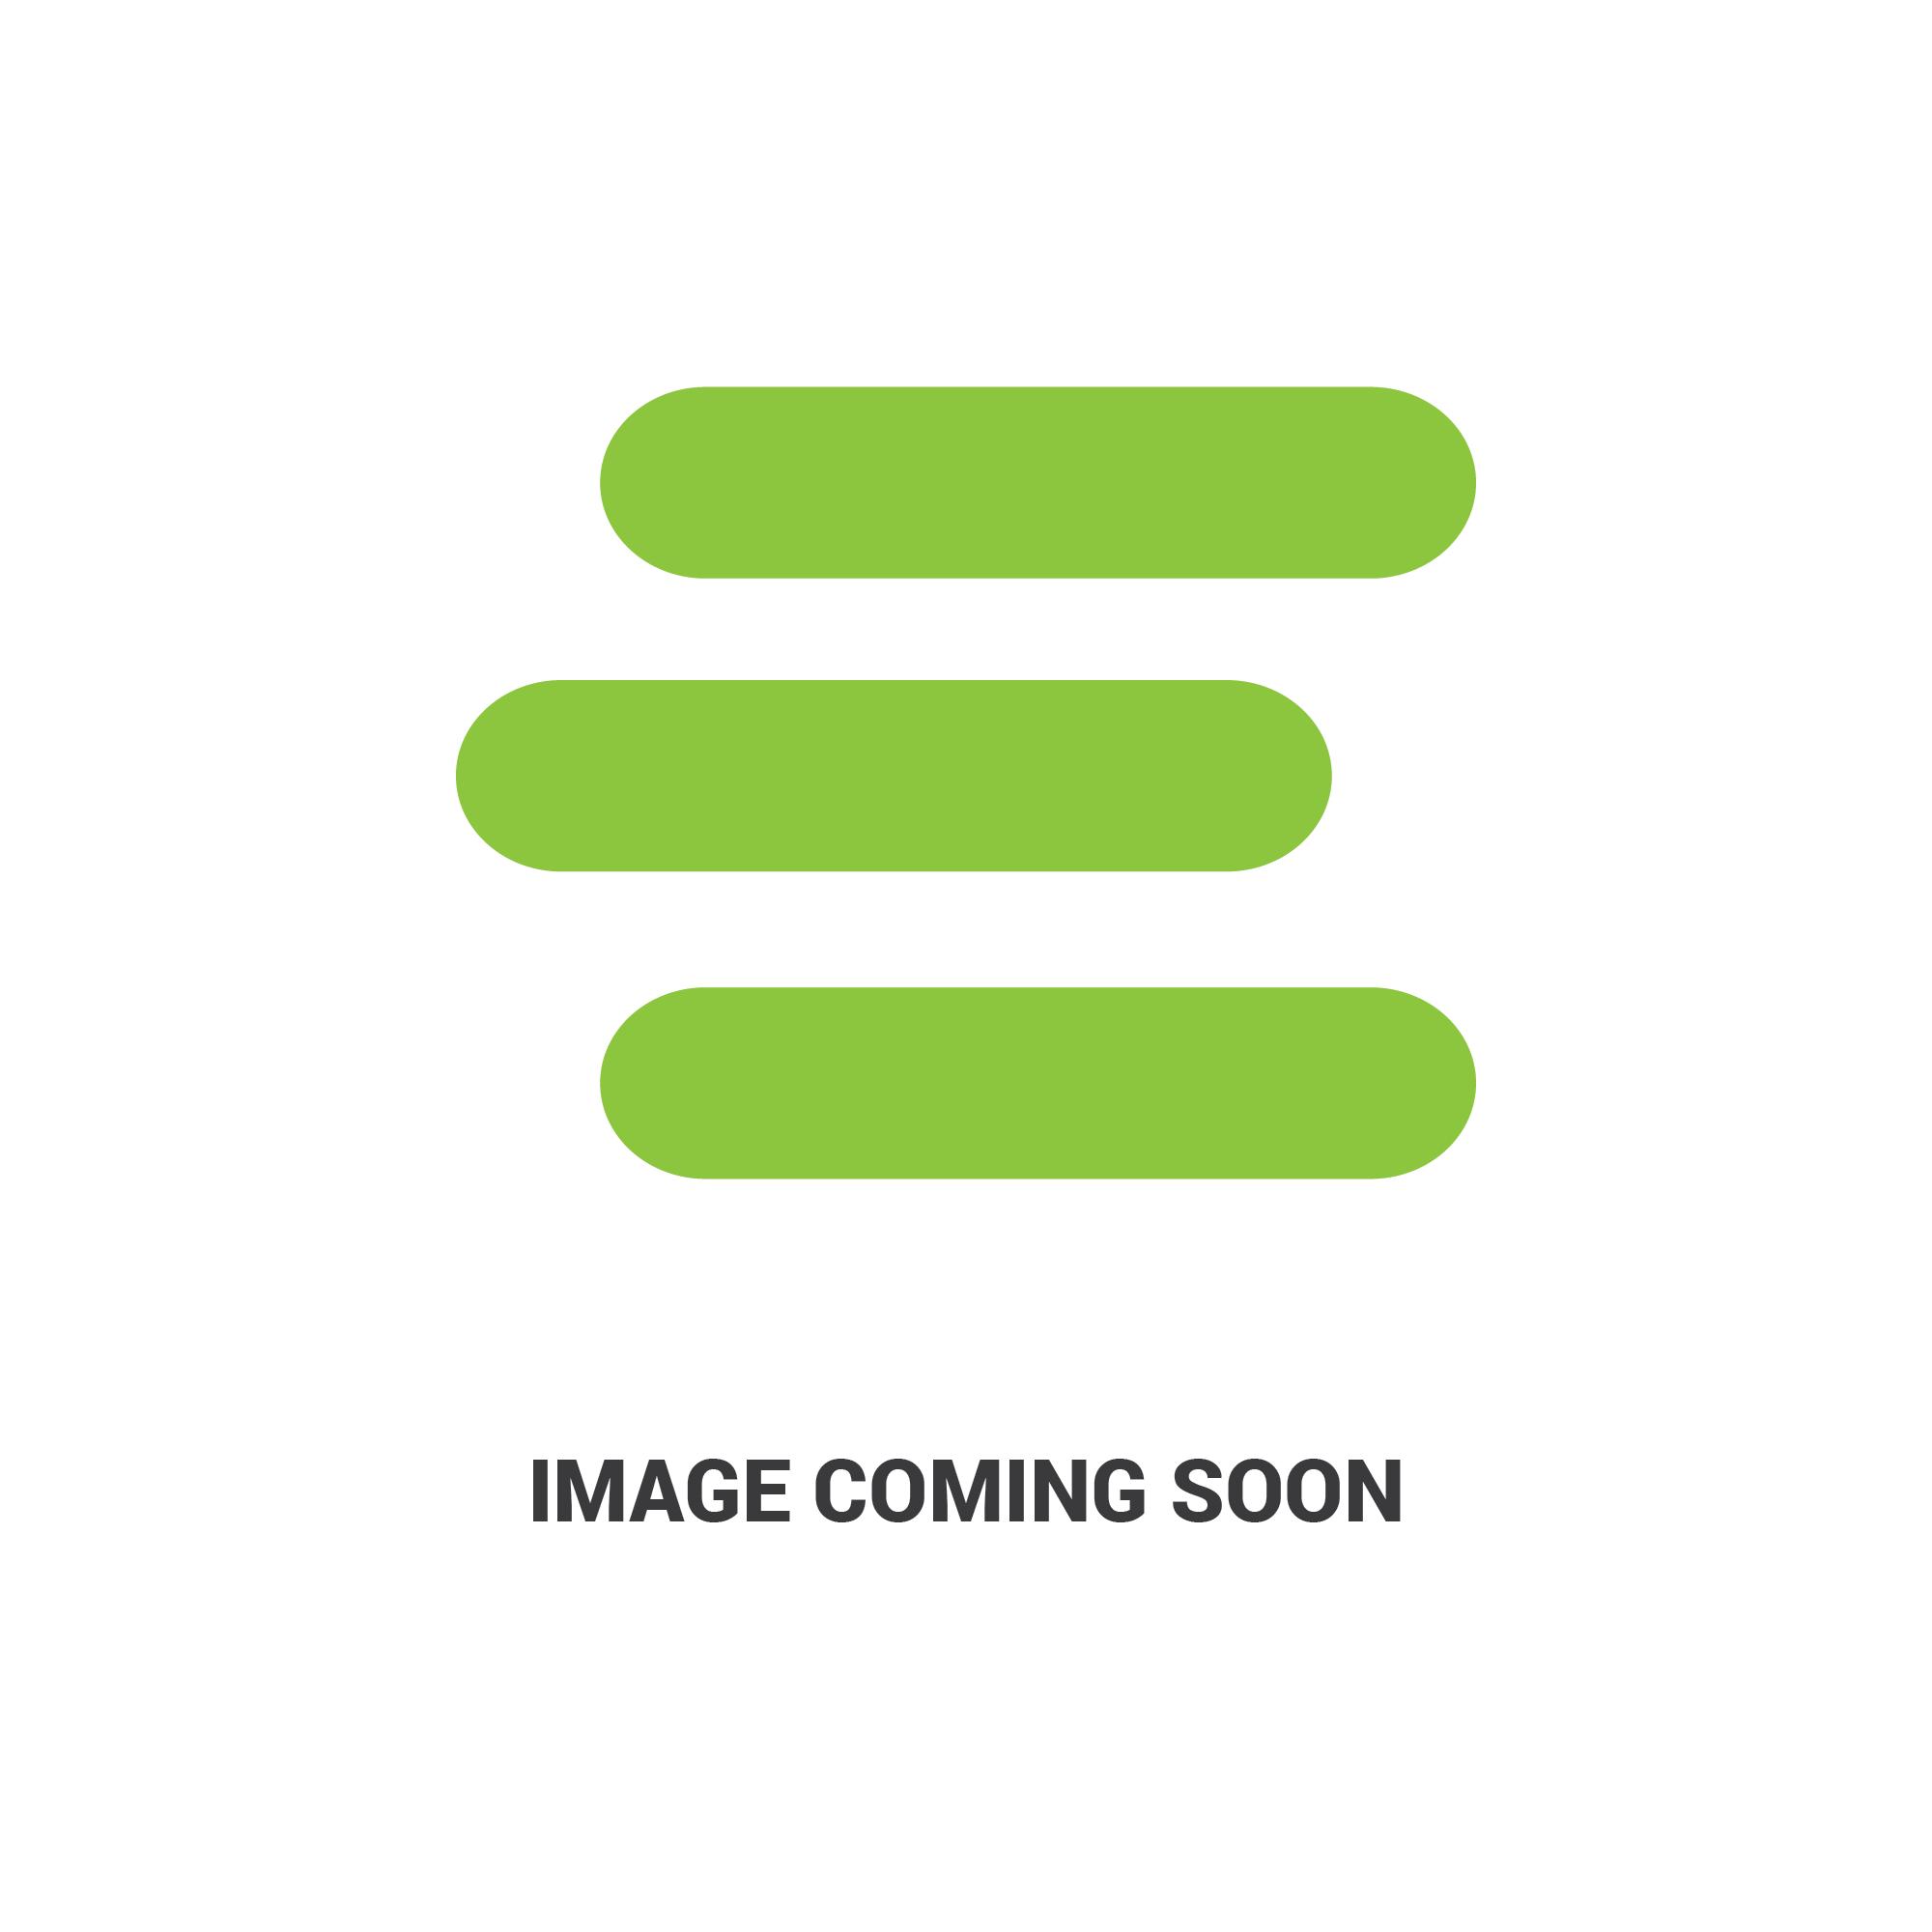 E-BS01490_1.jpg